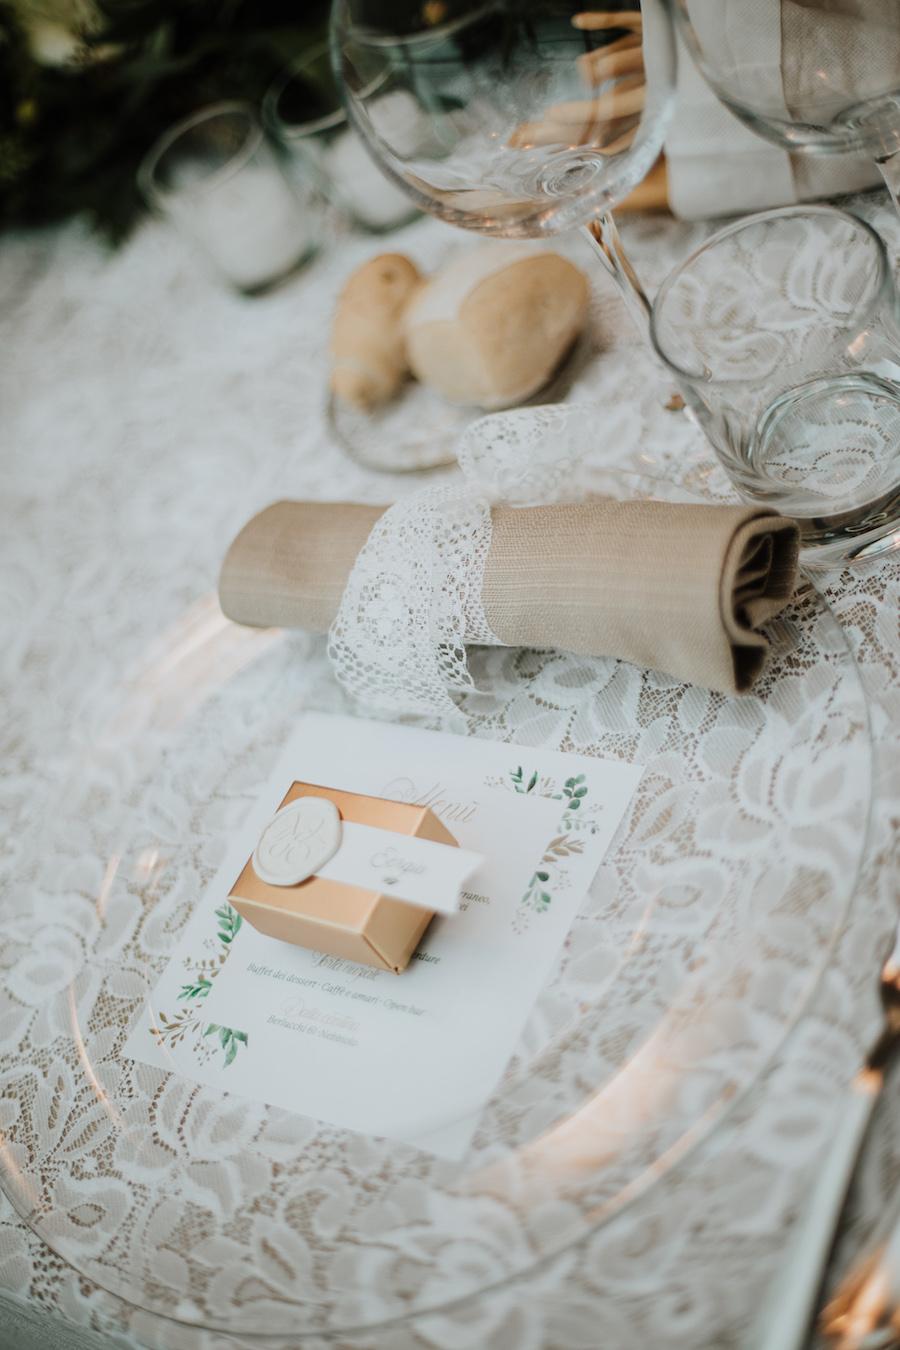 mise en place matrimonio vintage